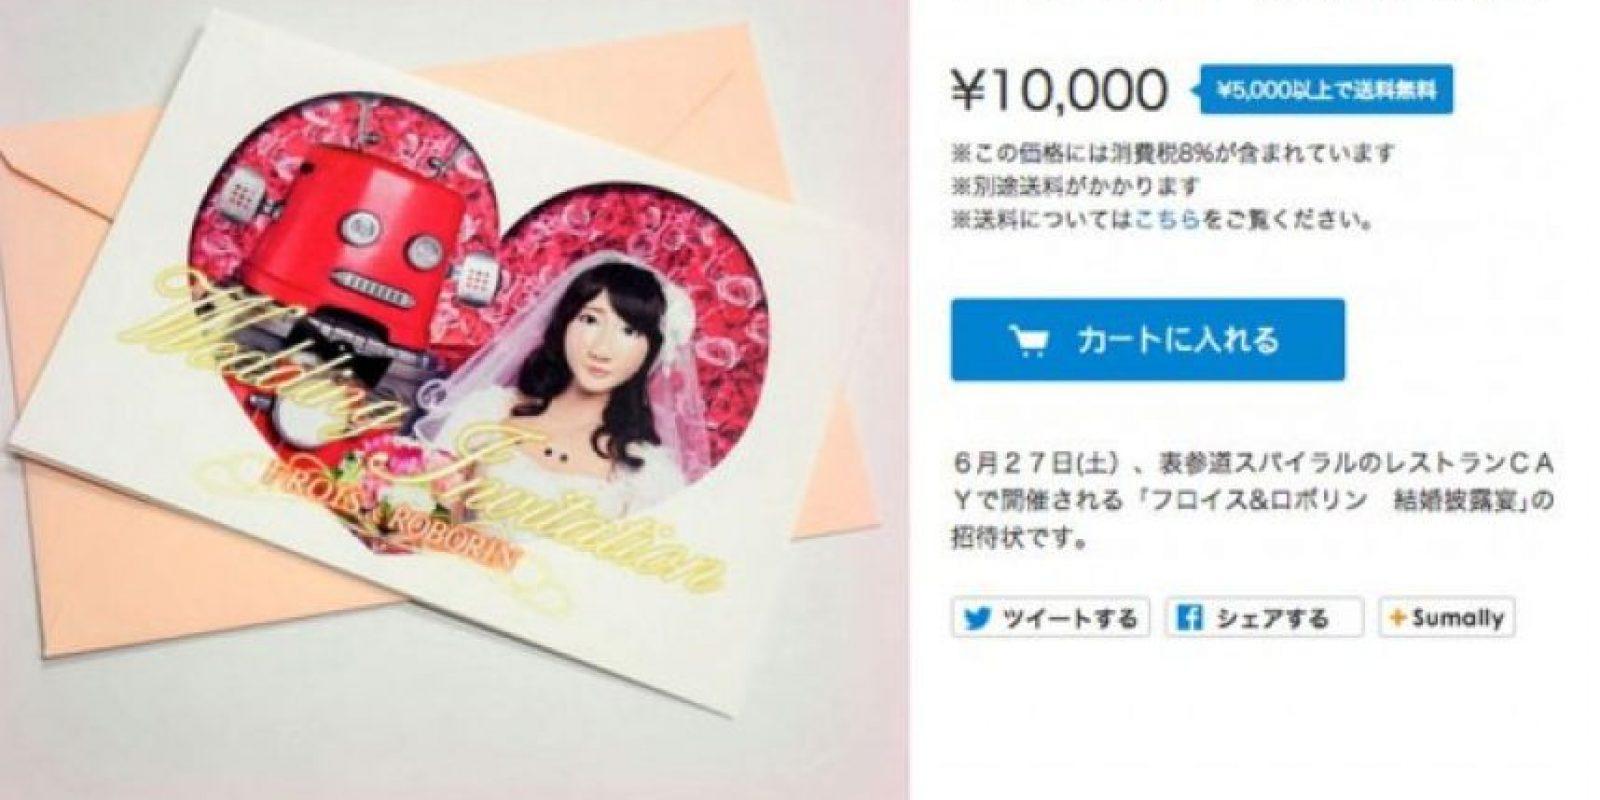 Esta fue la invitación a la boda Foto:twitter.com/maywadenki